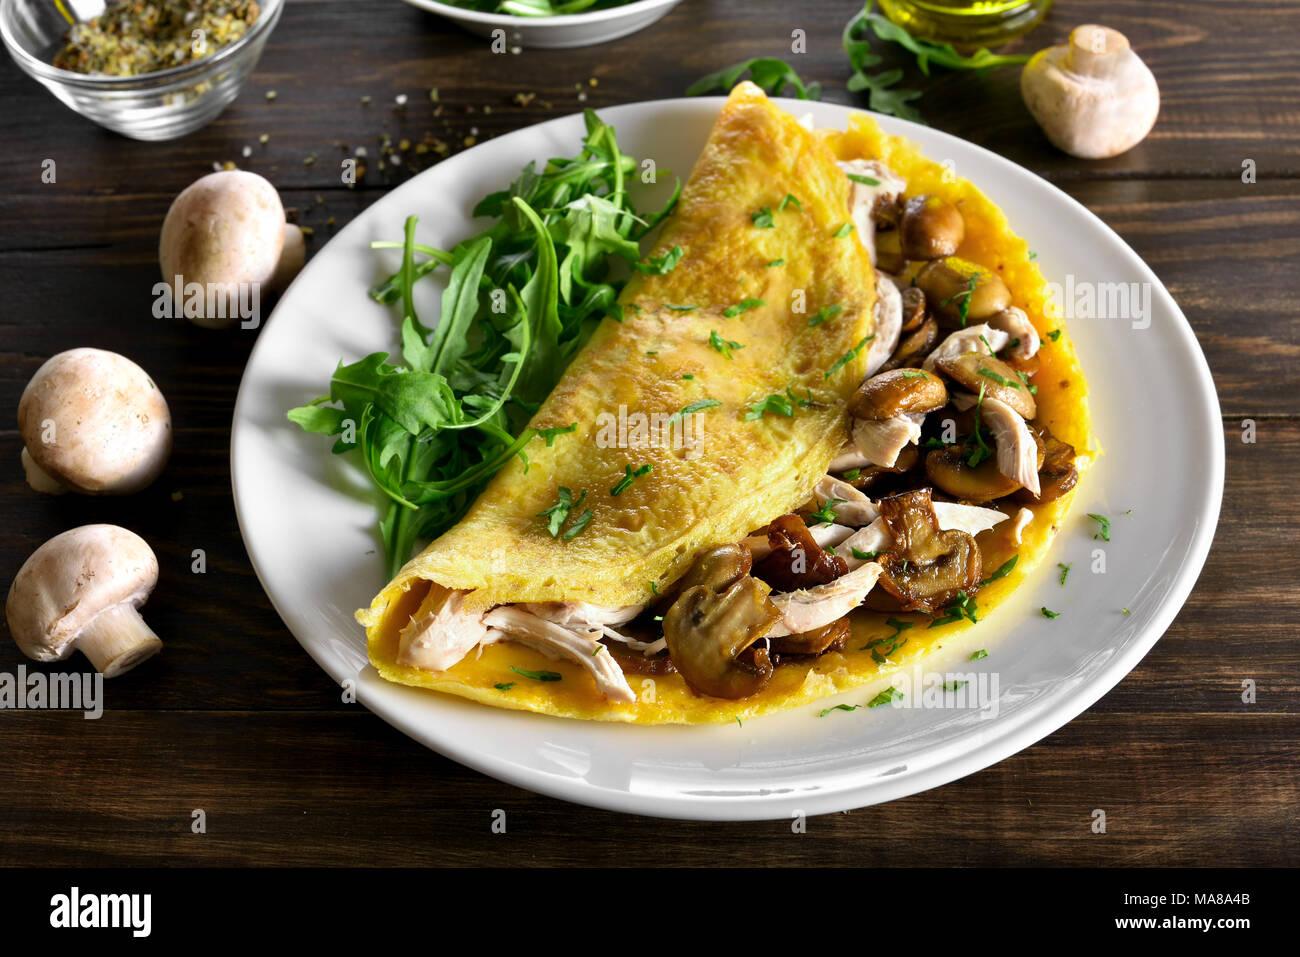 Nahaufnahme von Omelett mit Champignons, Hühnerfleisch, Grüns auf Holztisch. Gesunde Lebensmittel für Frühstück. Stockbild